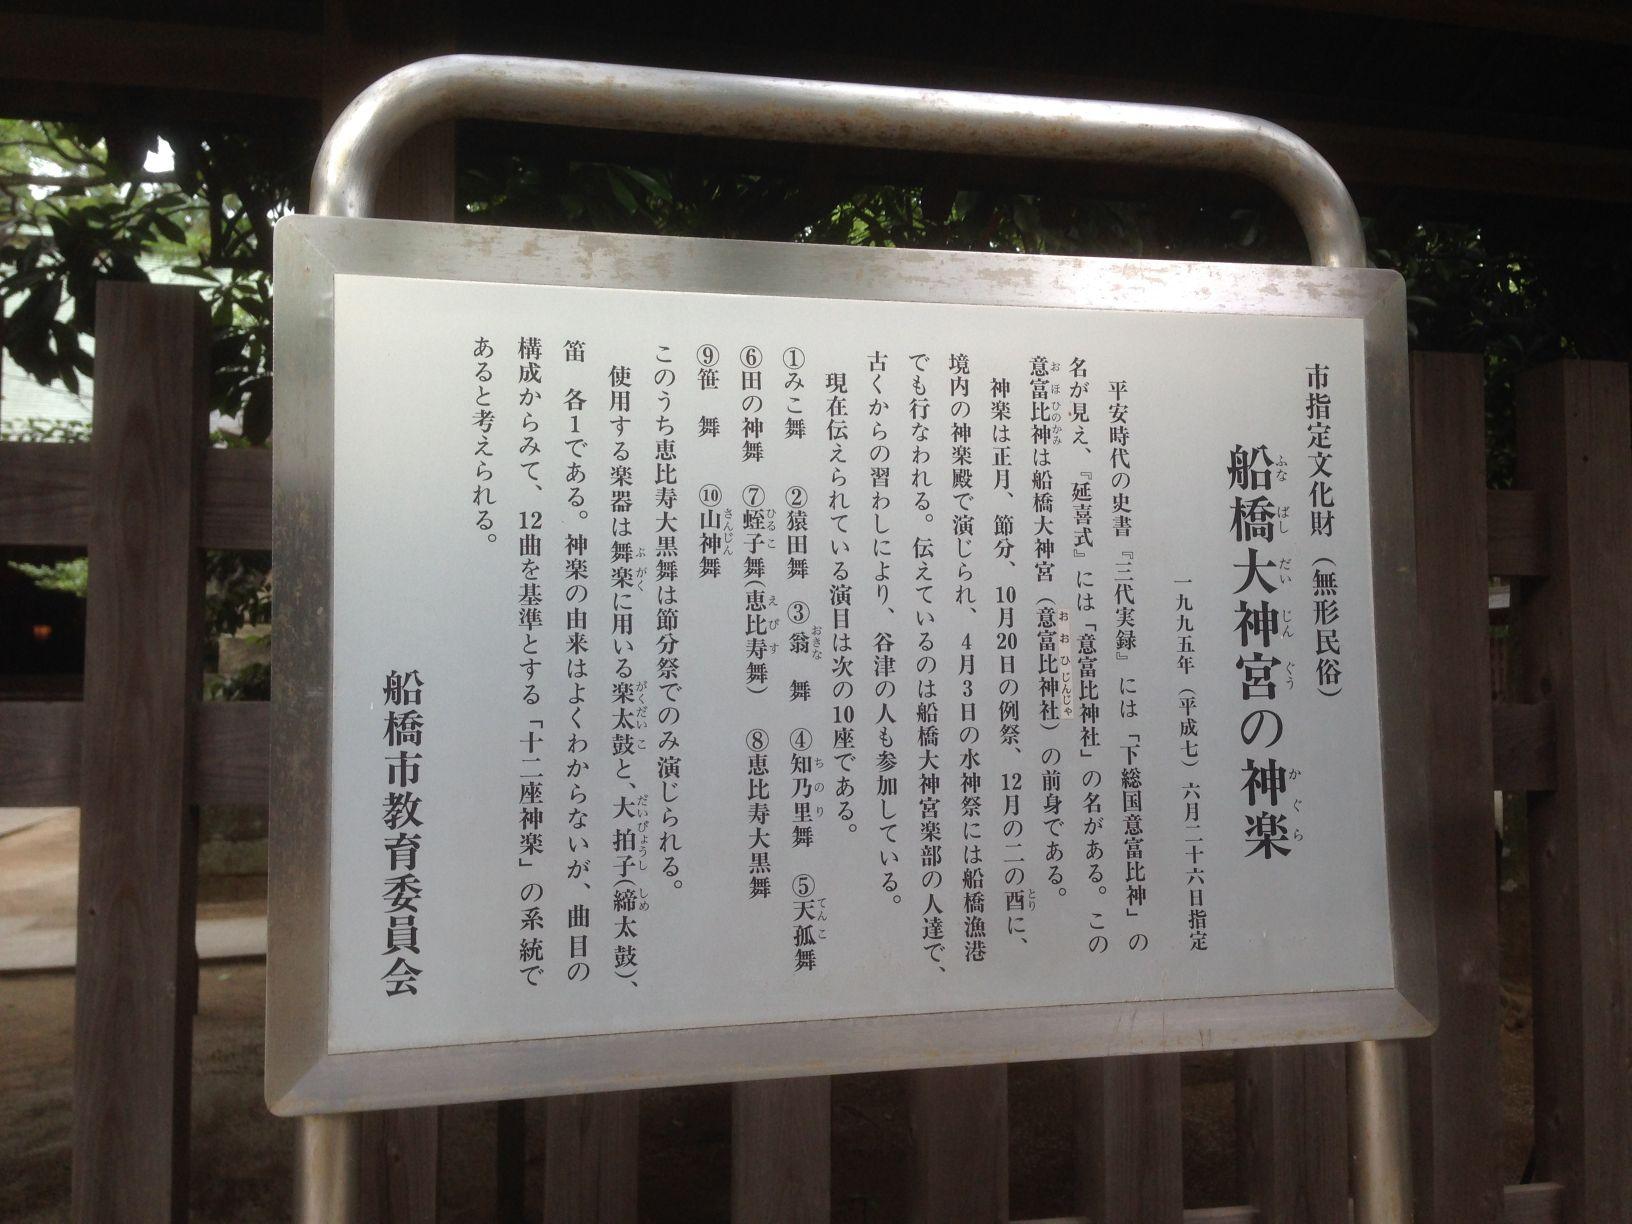 市指定文化財(無形民俗) 船橋大神... - Monumento(モニュメント)